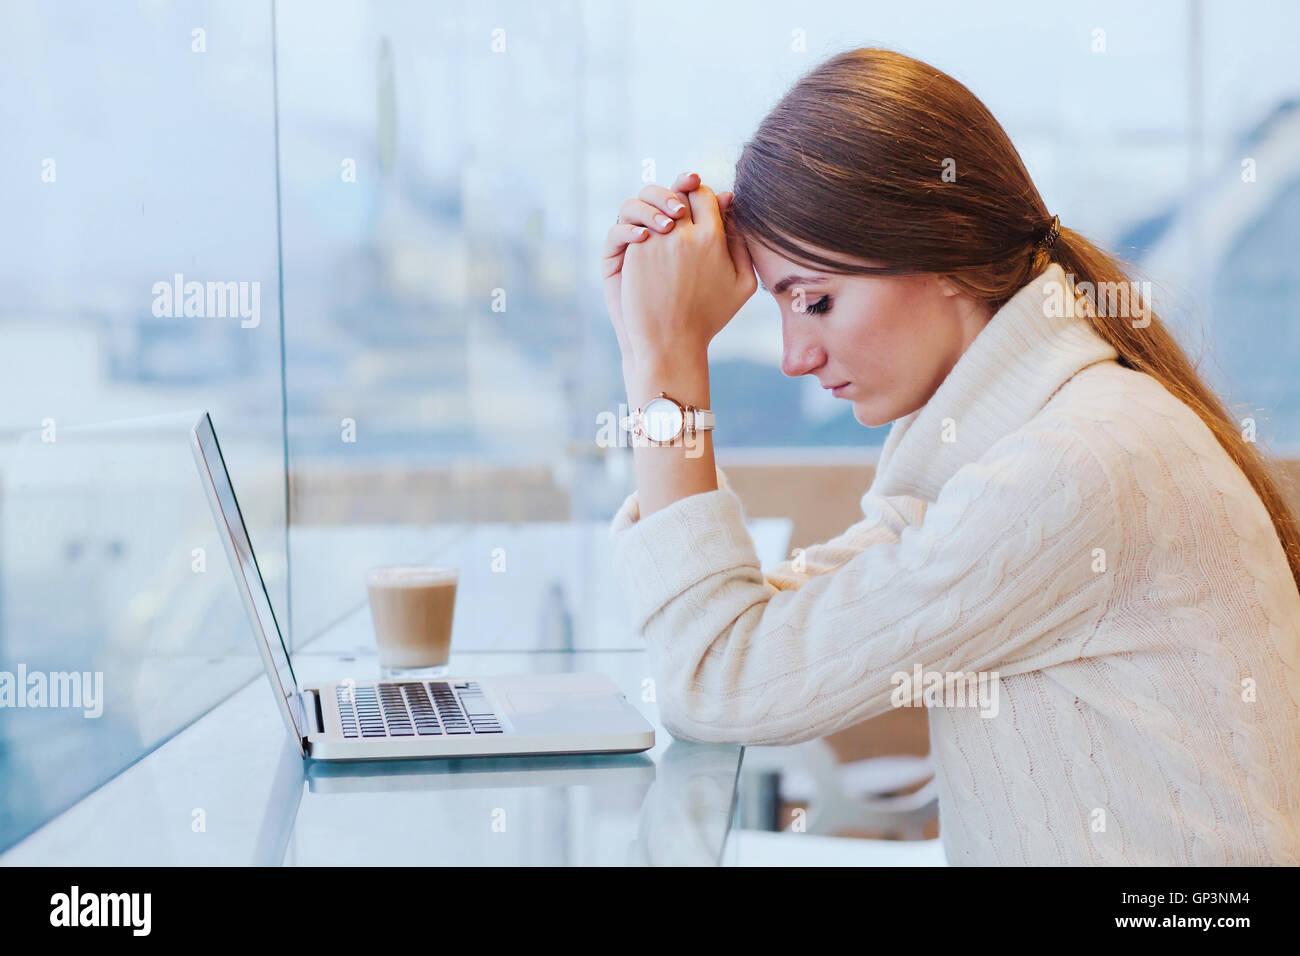 La surcharge d'informations, le stress concept, triste femme désespérée en avant de l'ordinateur Banque D'Images